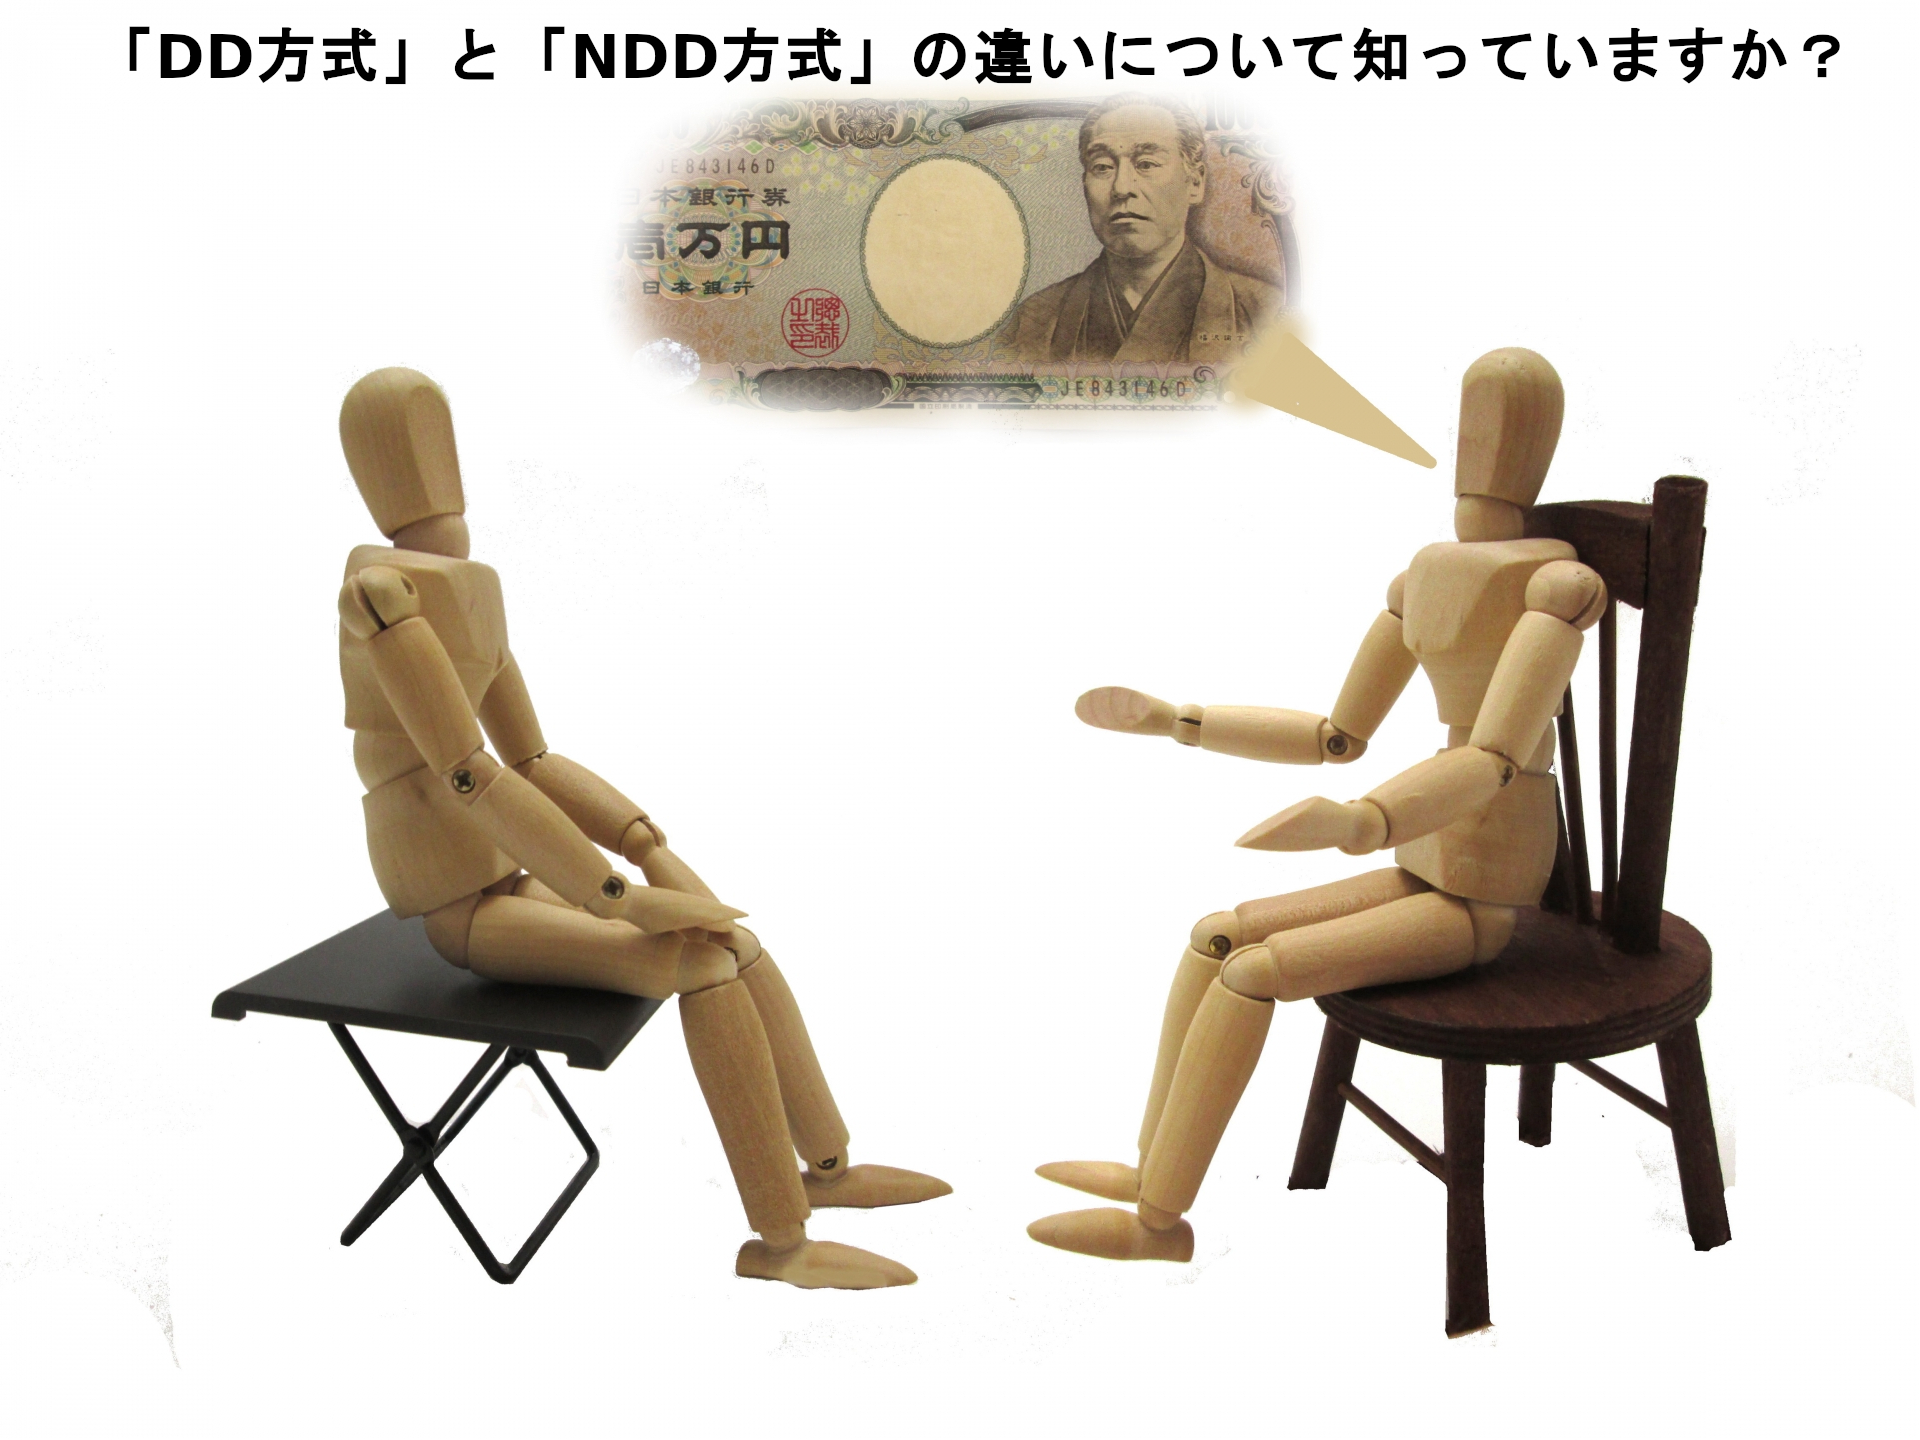 DD-Method-NDD-Method